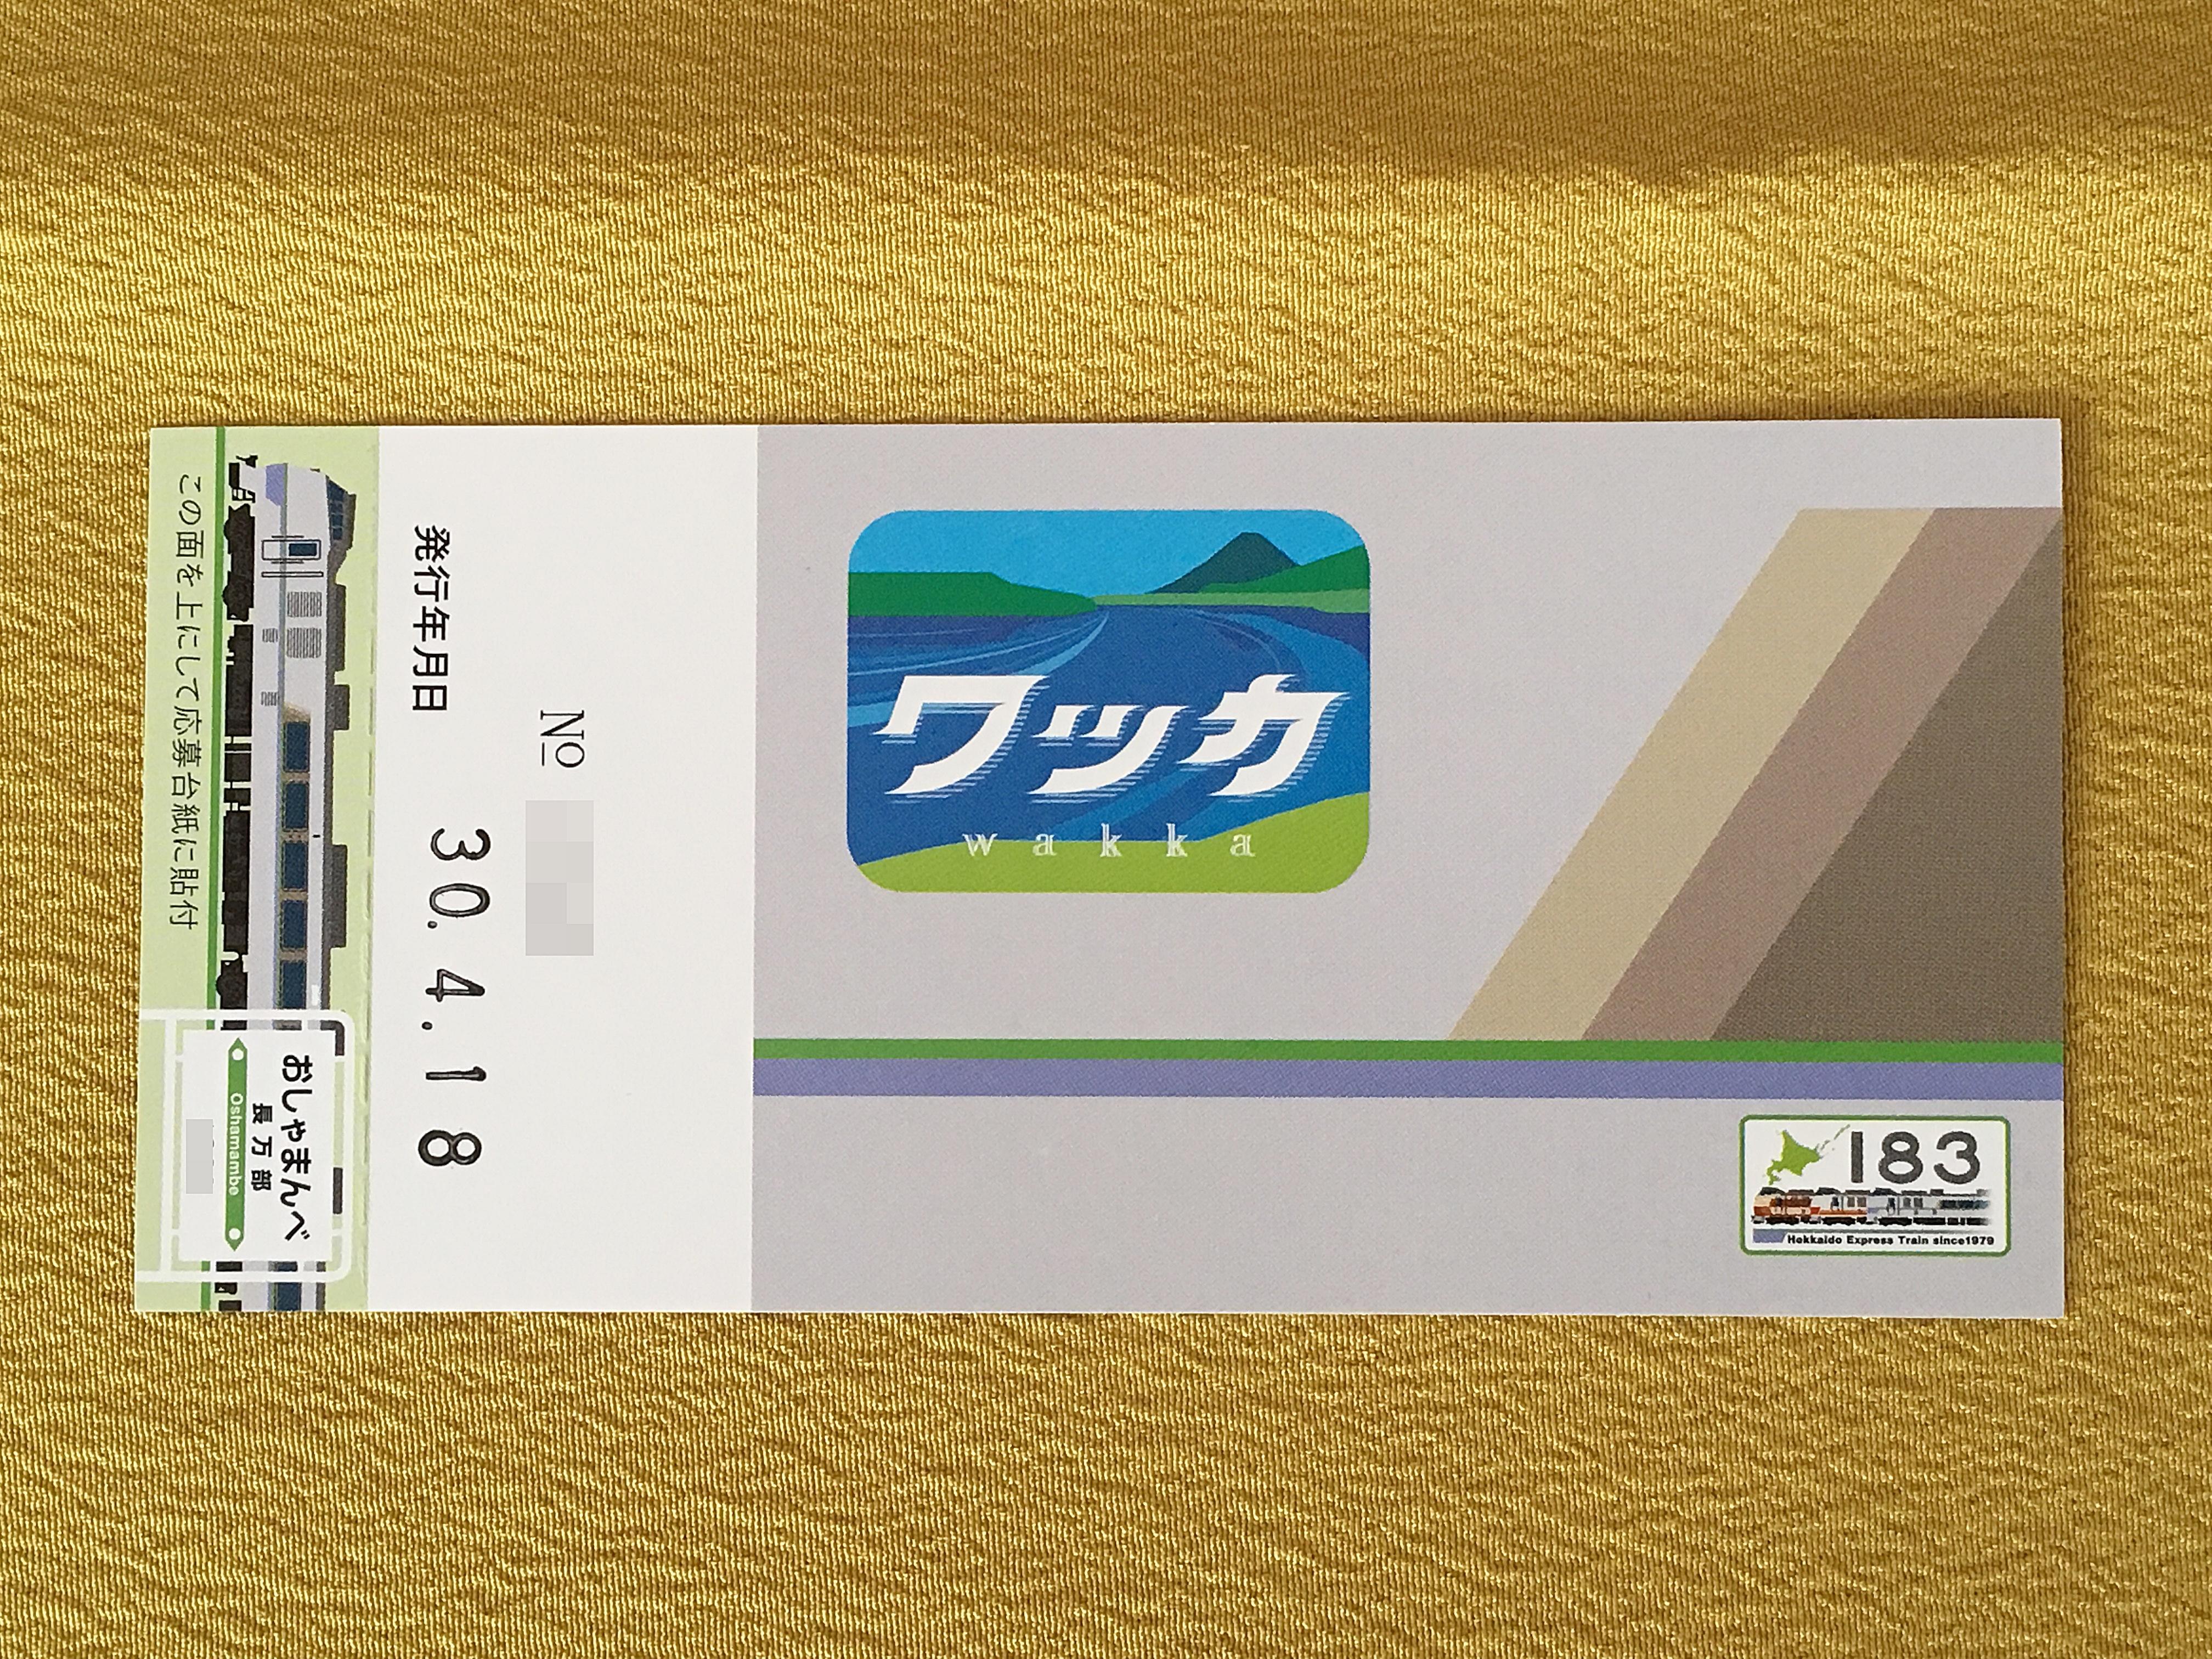 キハ183-0系記念入場券 長万部駅裏.JPG